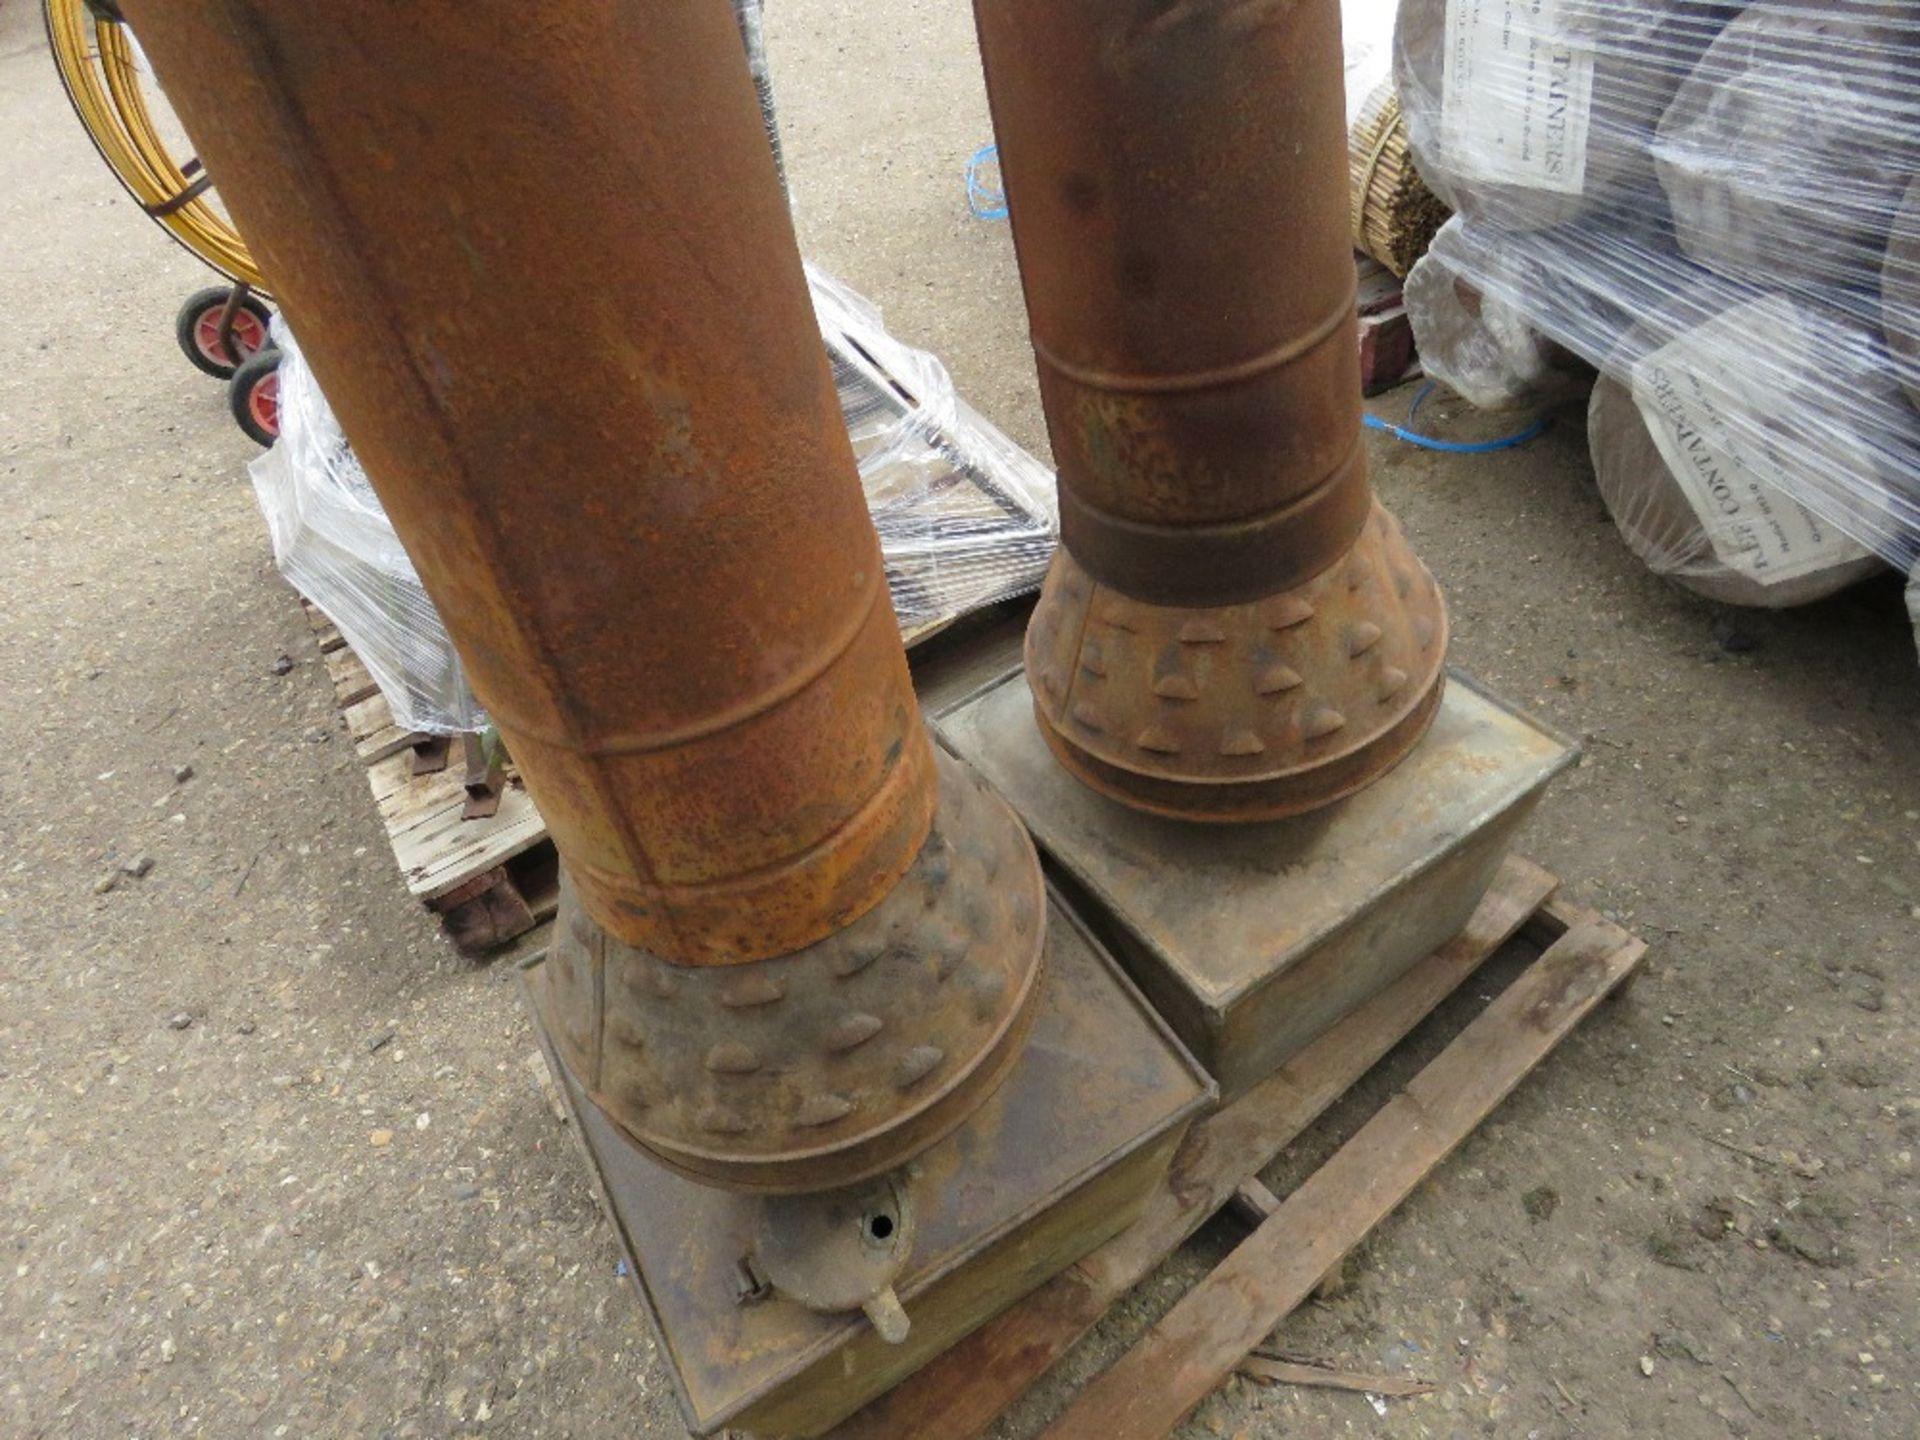 2 X WASTE OIL BURNER UNITS. - Image 3 of 3